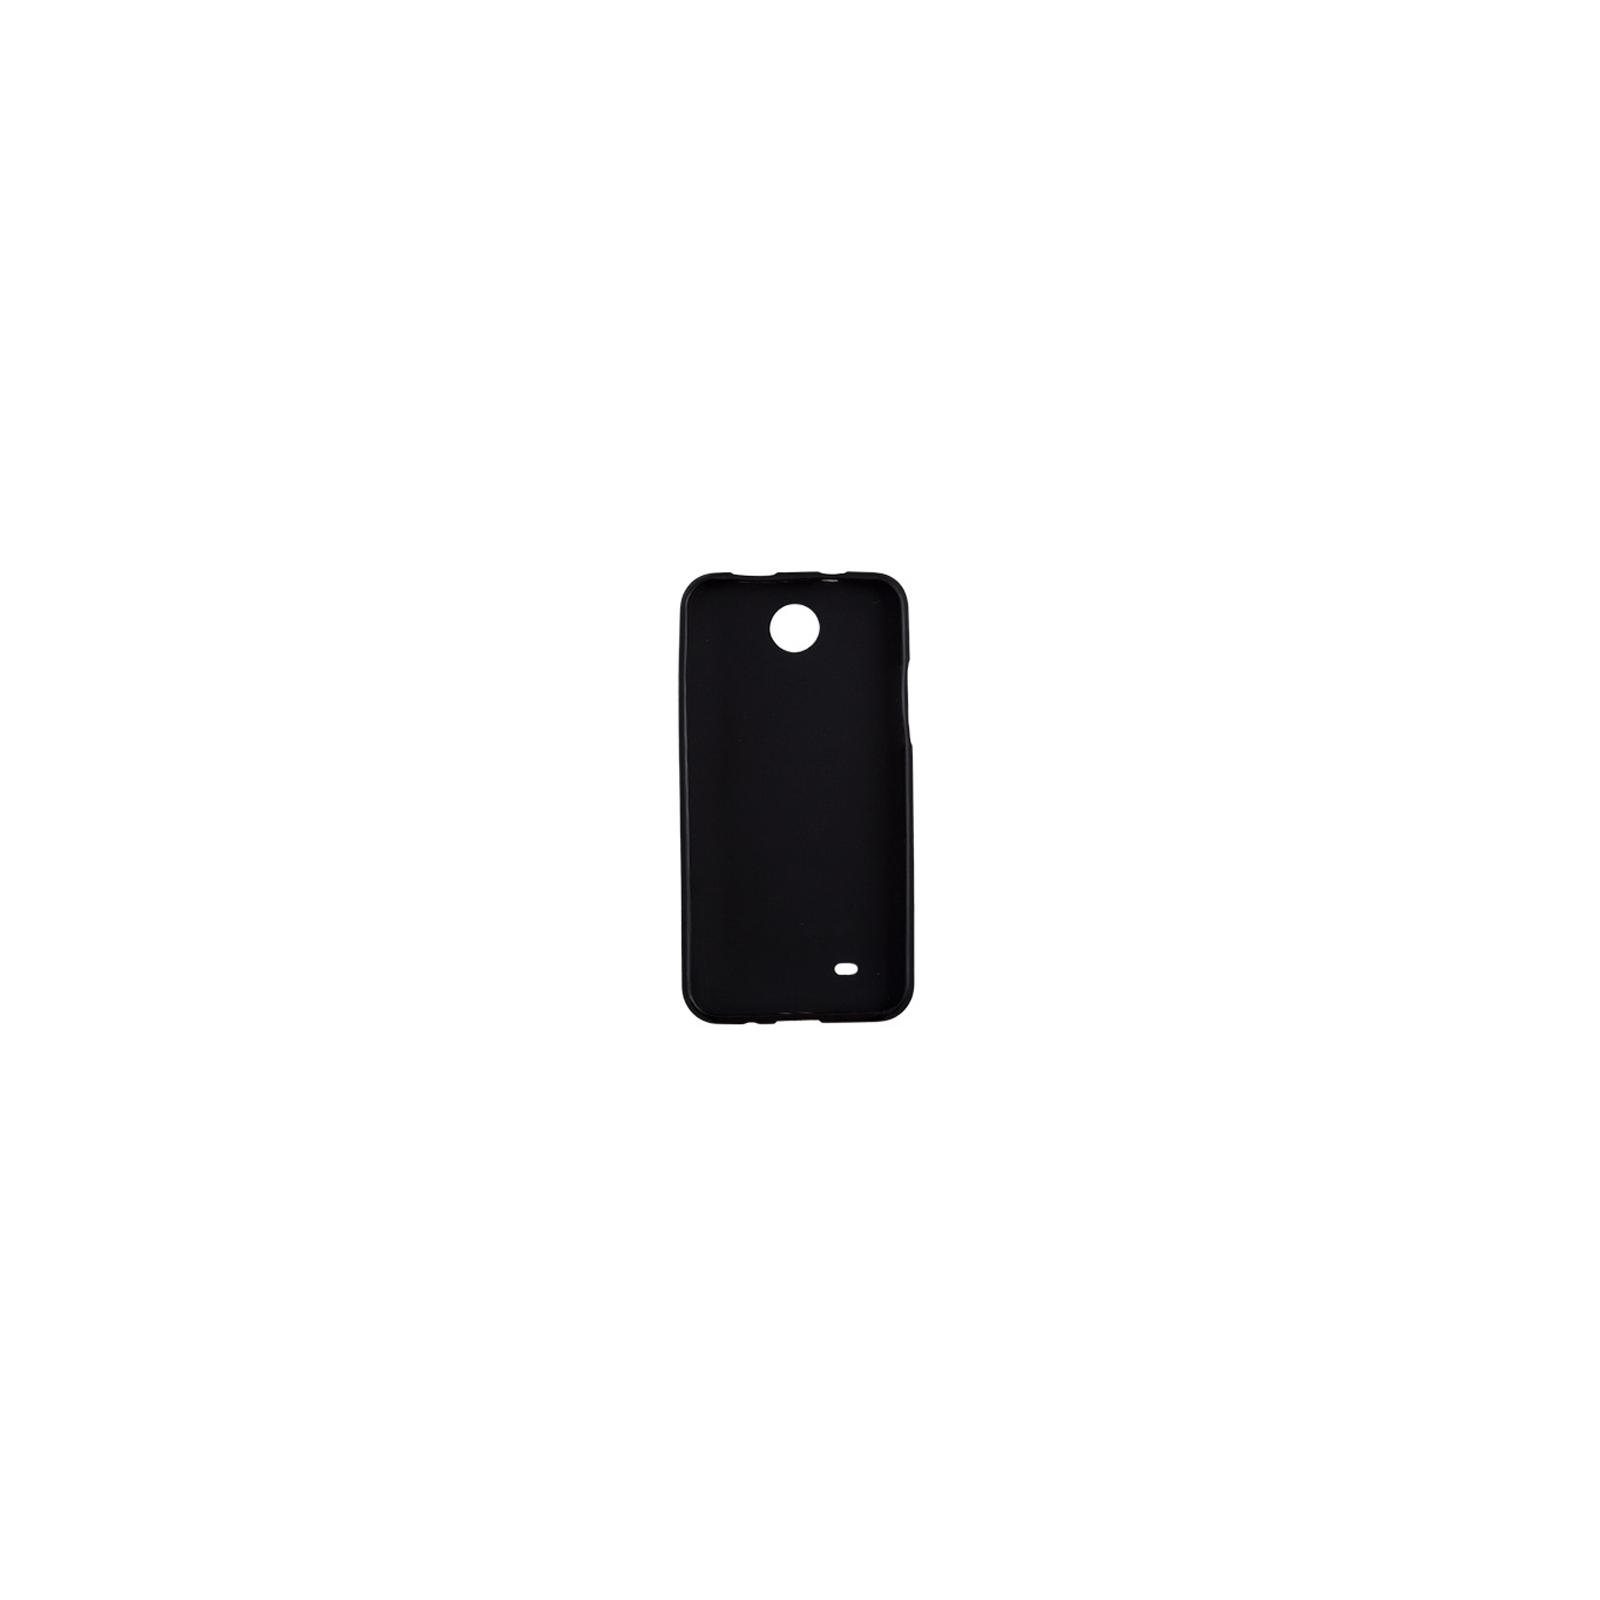 Чехол для моб. телефона Drobak для HTC Desire 300 /ElasticPU/Black (218861) изображение 2